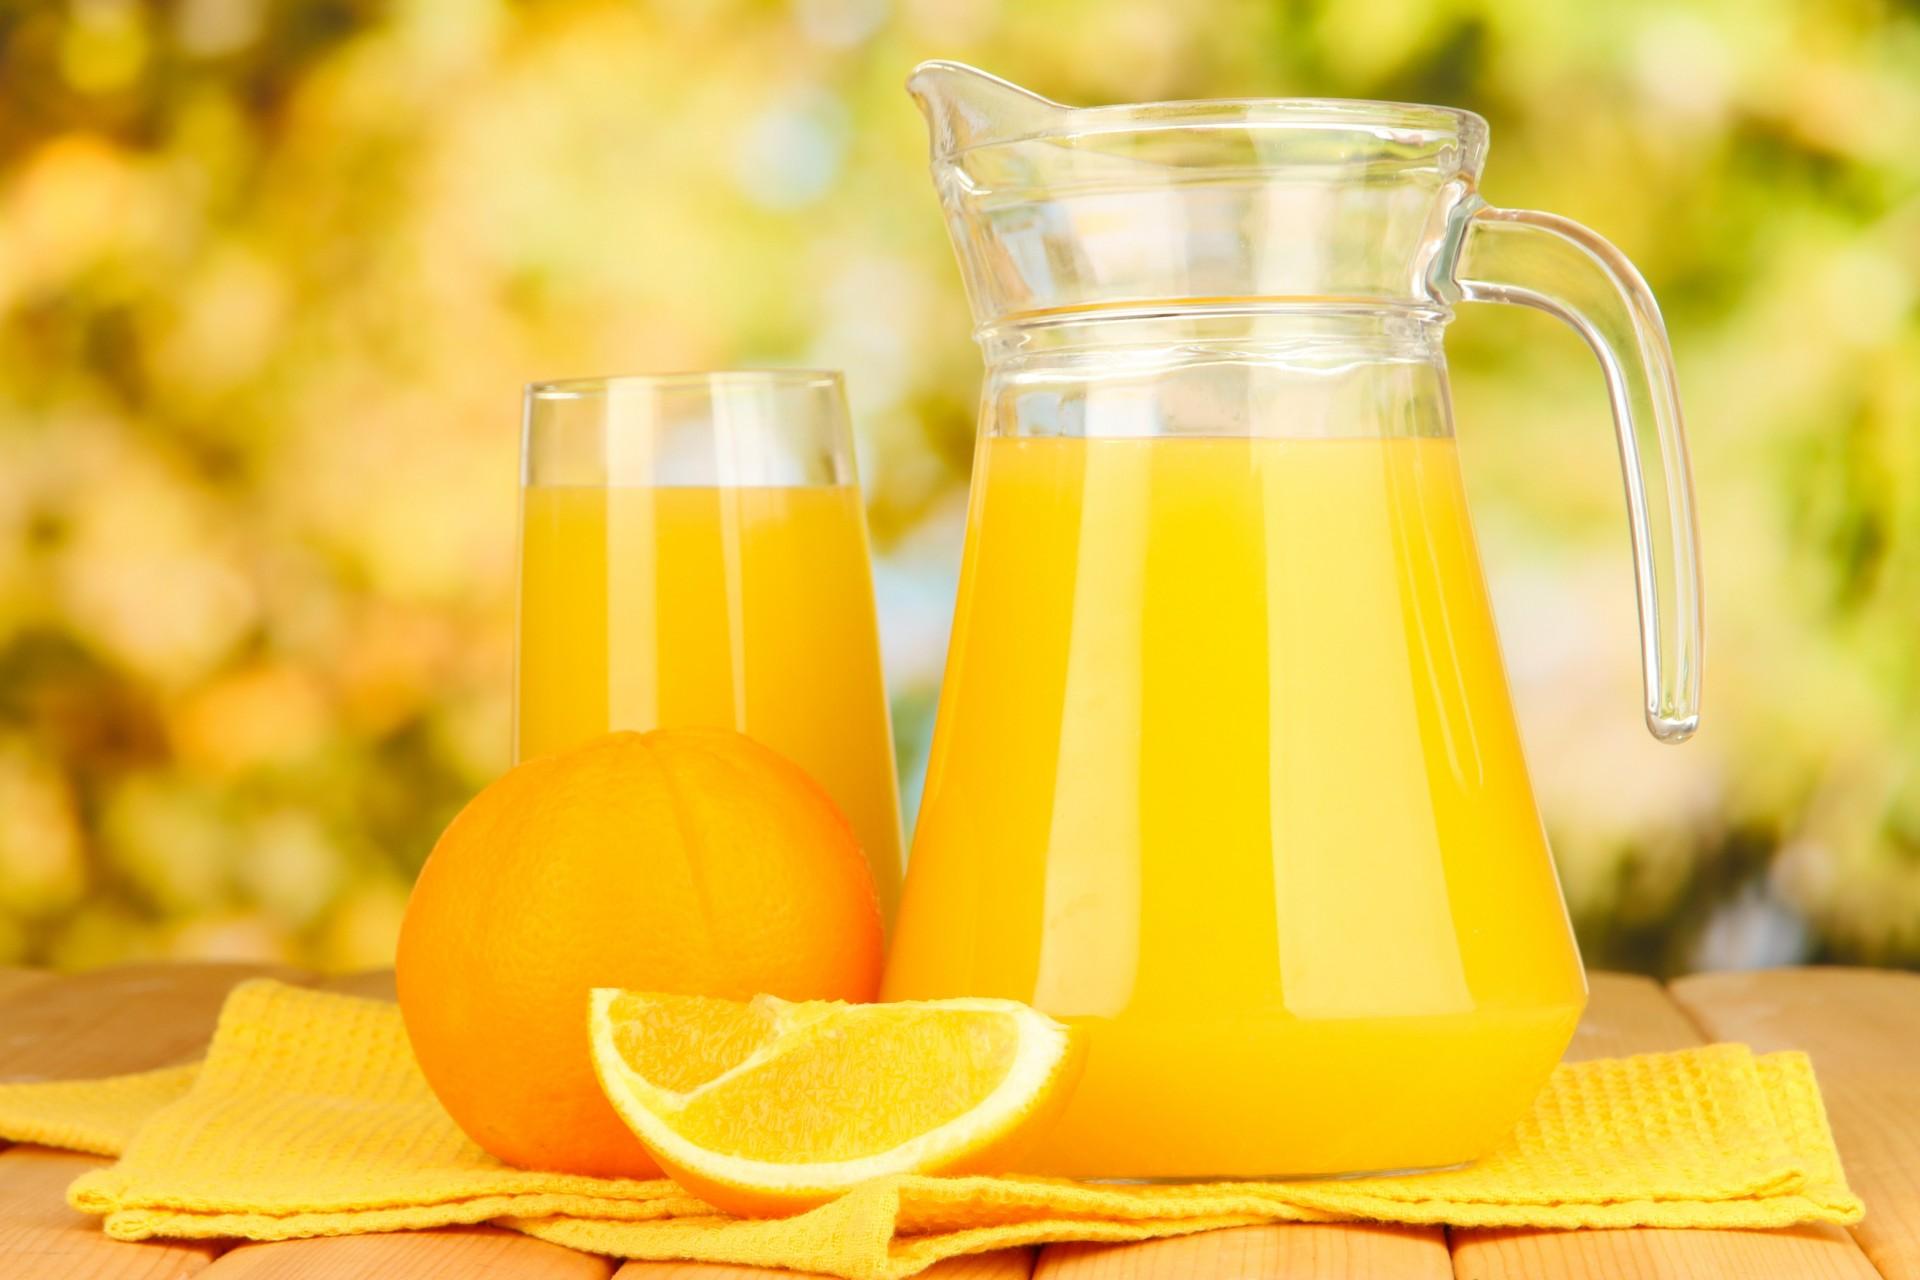 Как приготовить сок в домашних условиях? Агропромышленный 81